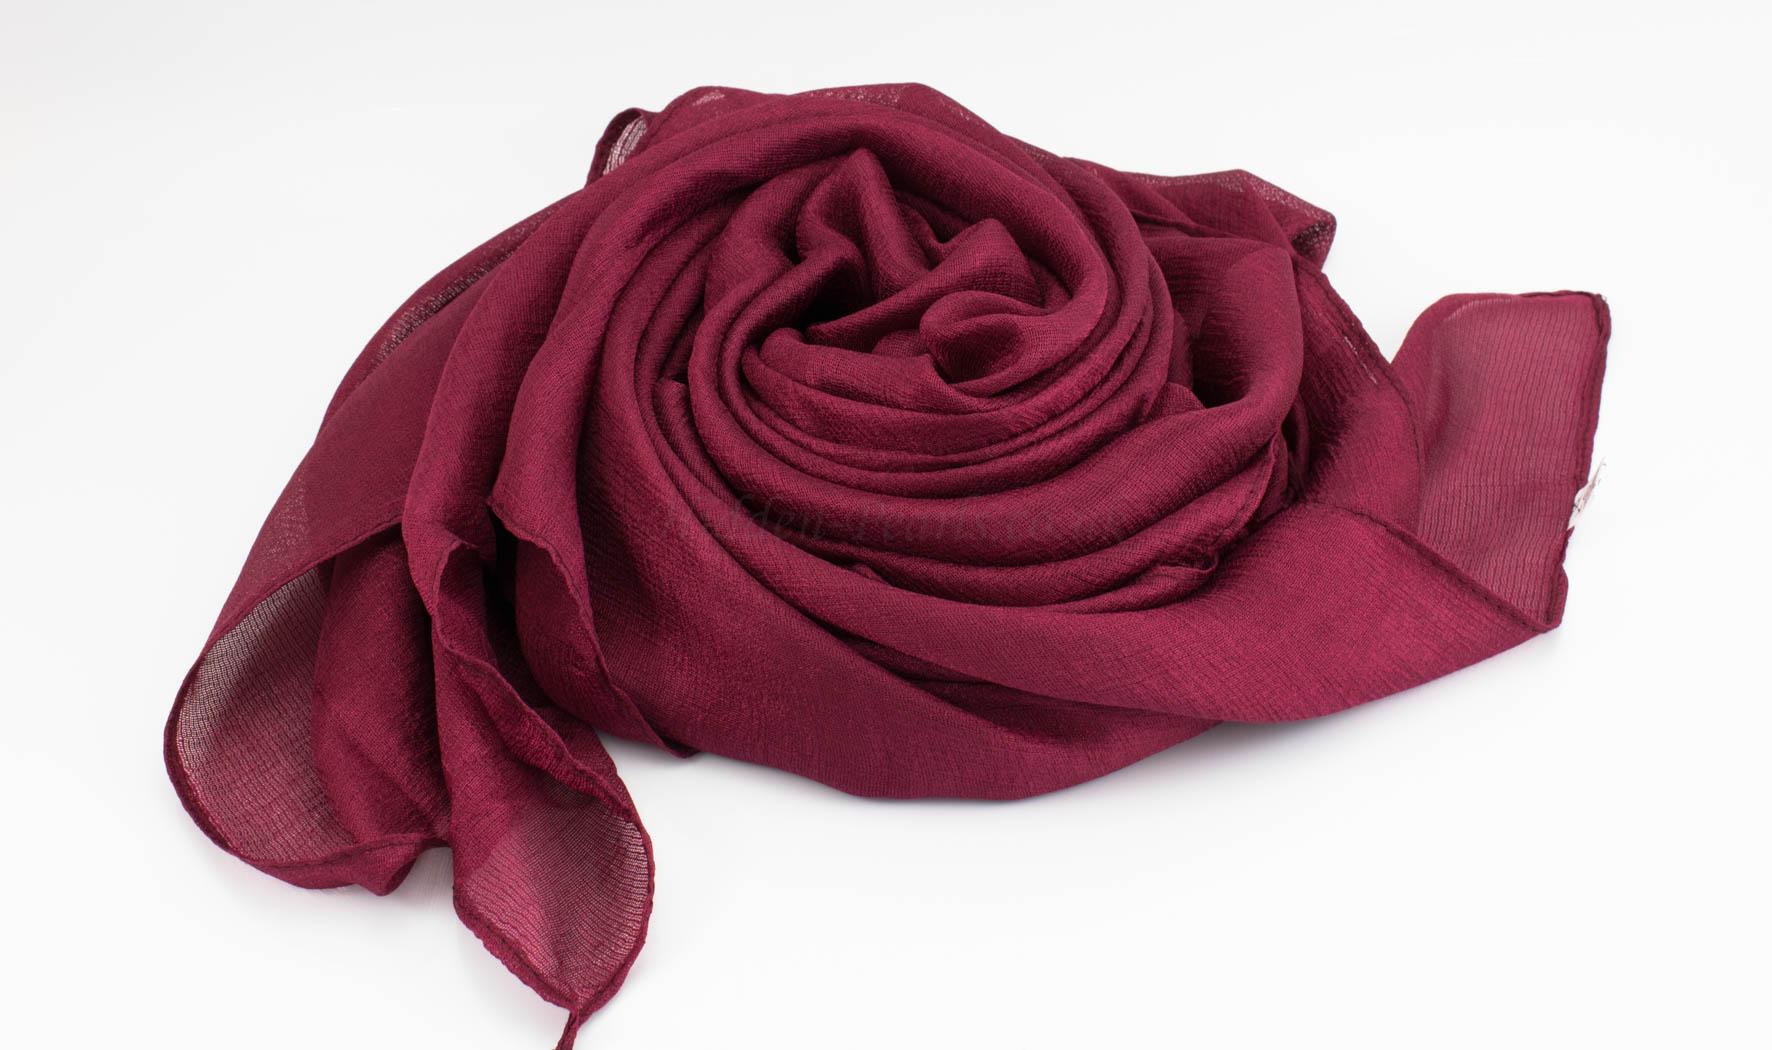 Shimmer Silk Hijab - Garnet 3 - Hidden Pearls.NEF